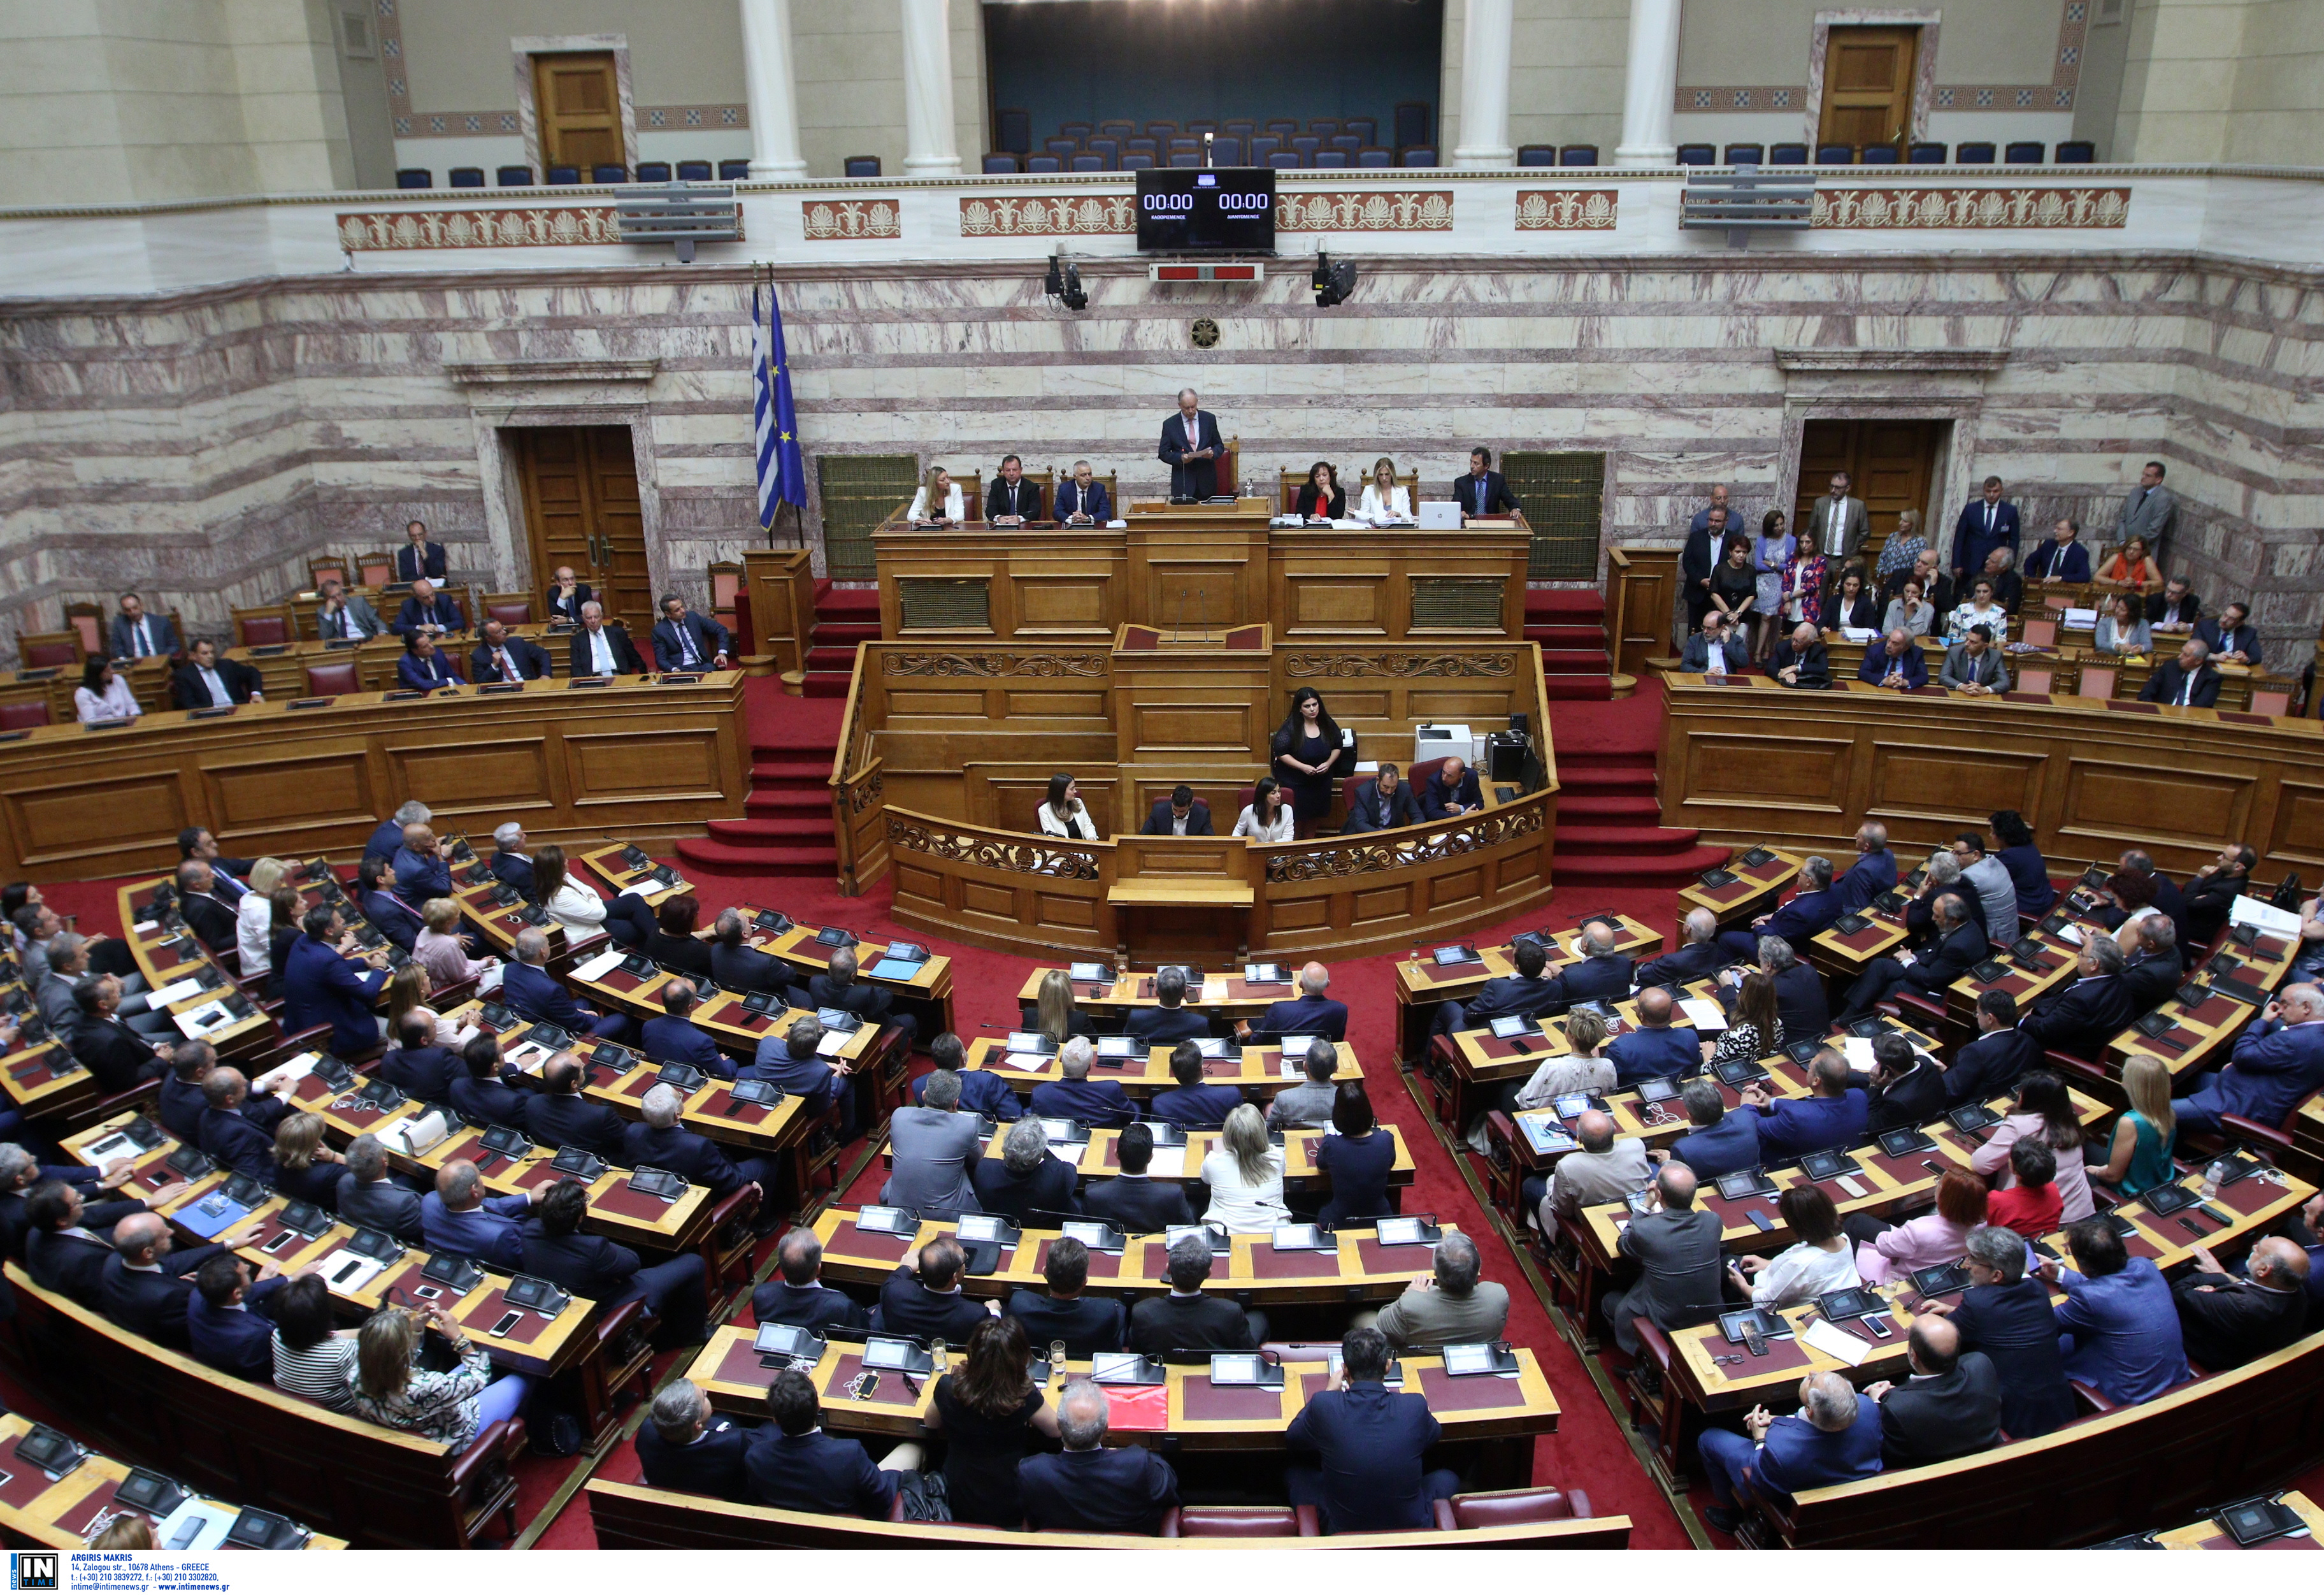 Εκλέχθηκαν οι νέοι αντιπρόεδροι της Βουλής -  Σάρωσε ο Νικήτας Κακλαμάνης με 290 ψήφους!